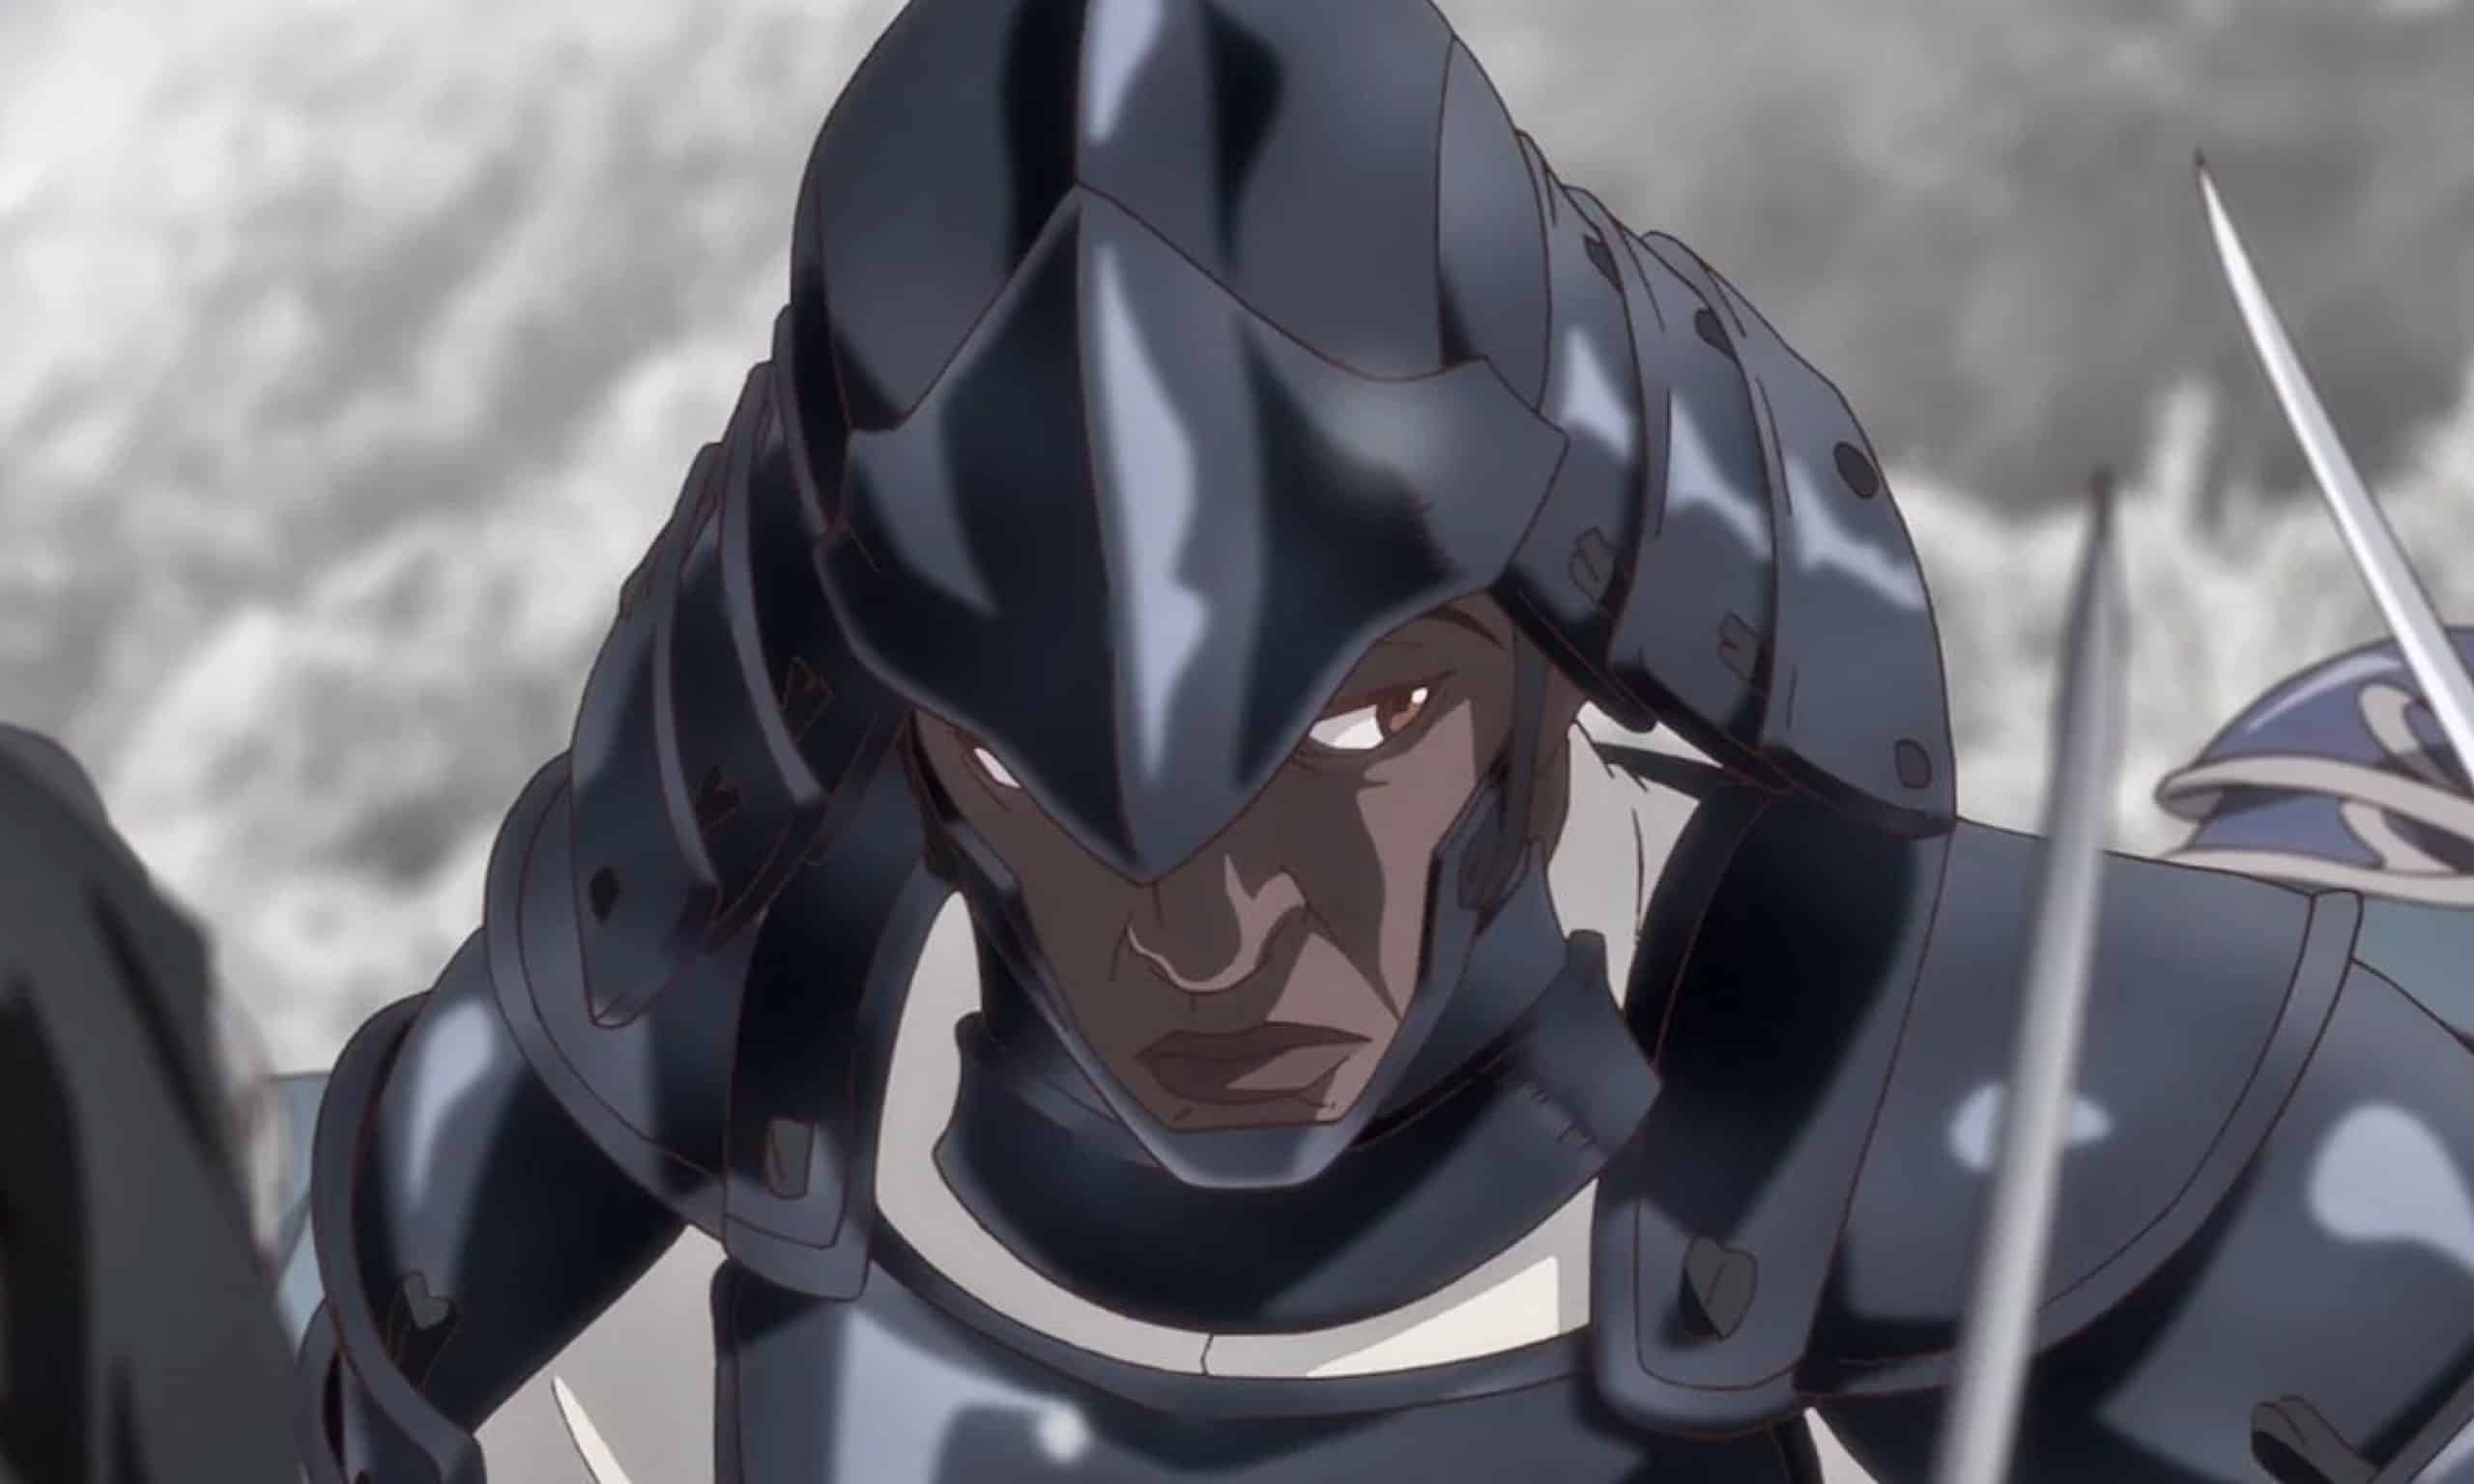 Yasuke | Netflix revela primeiro trailer de seu próximo anime original